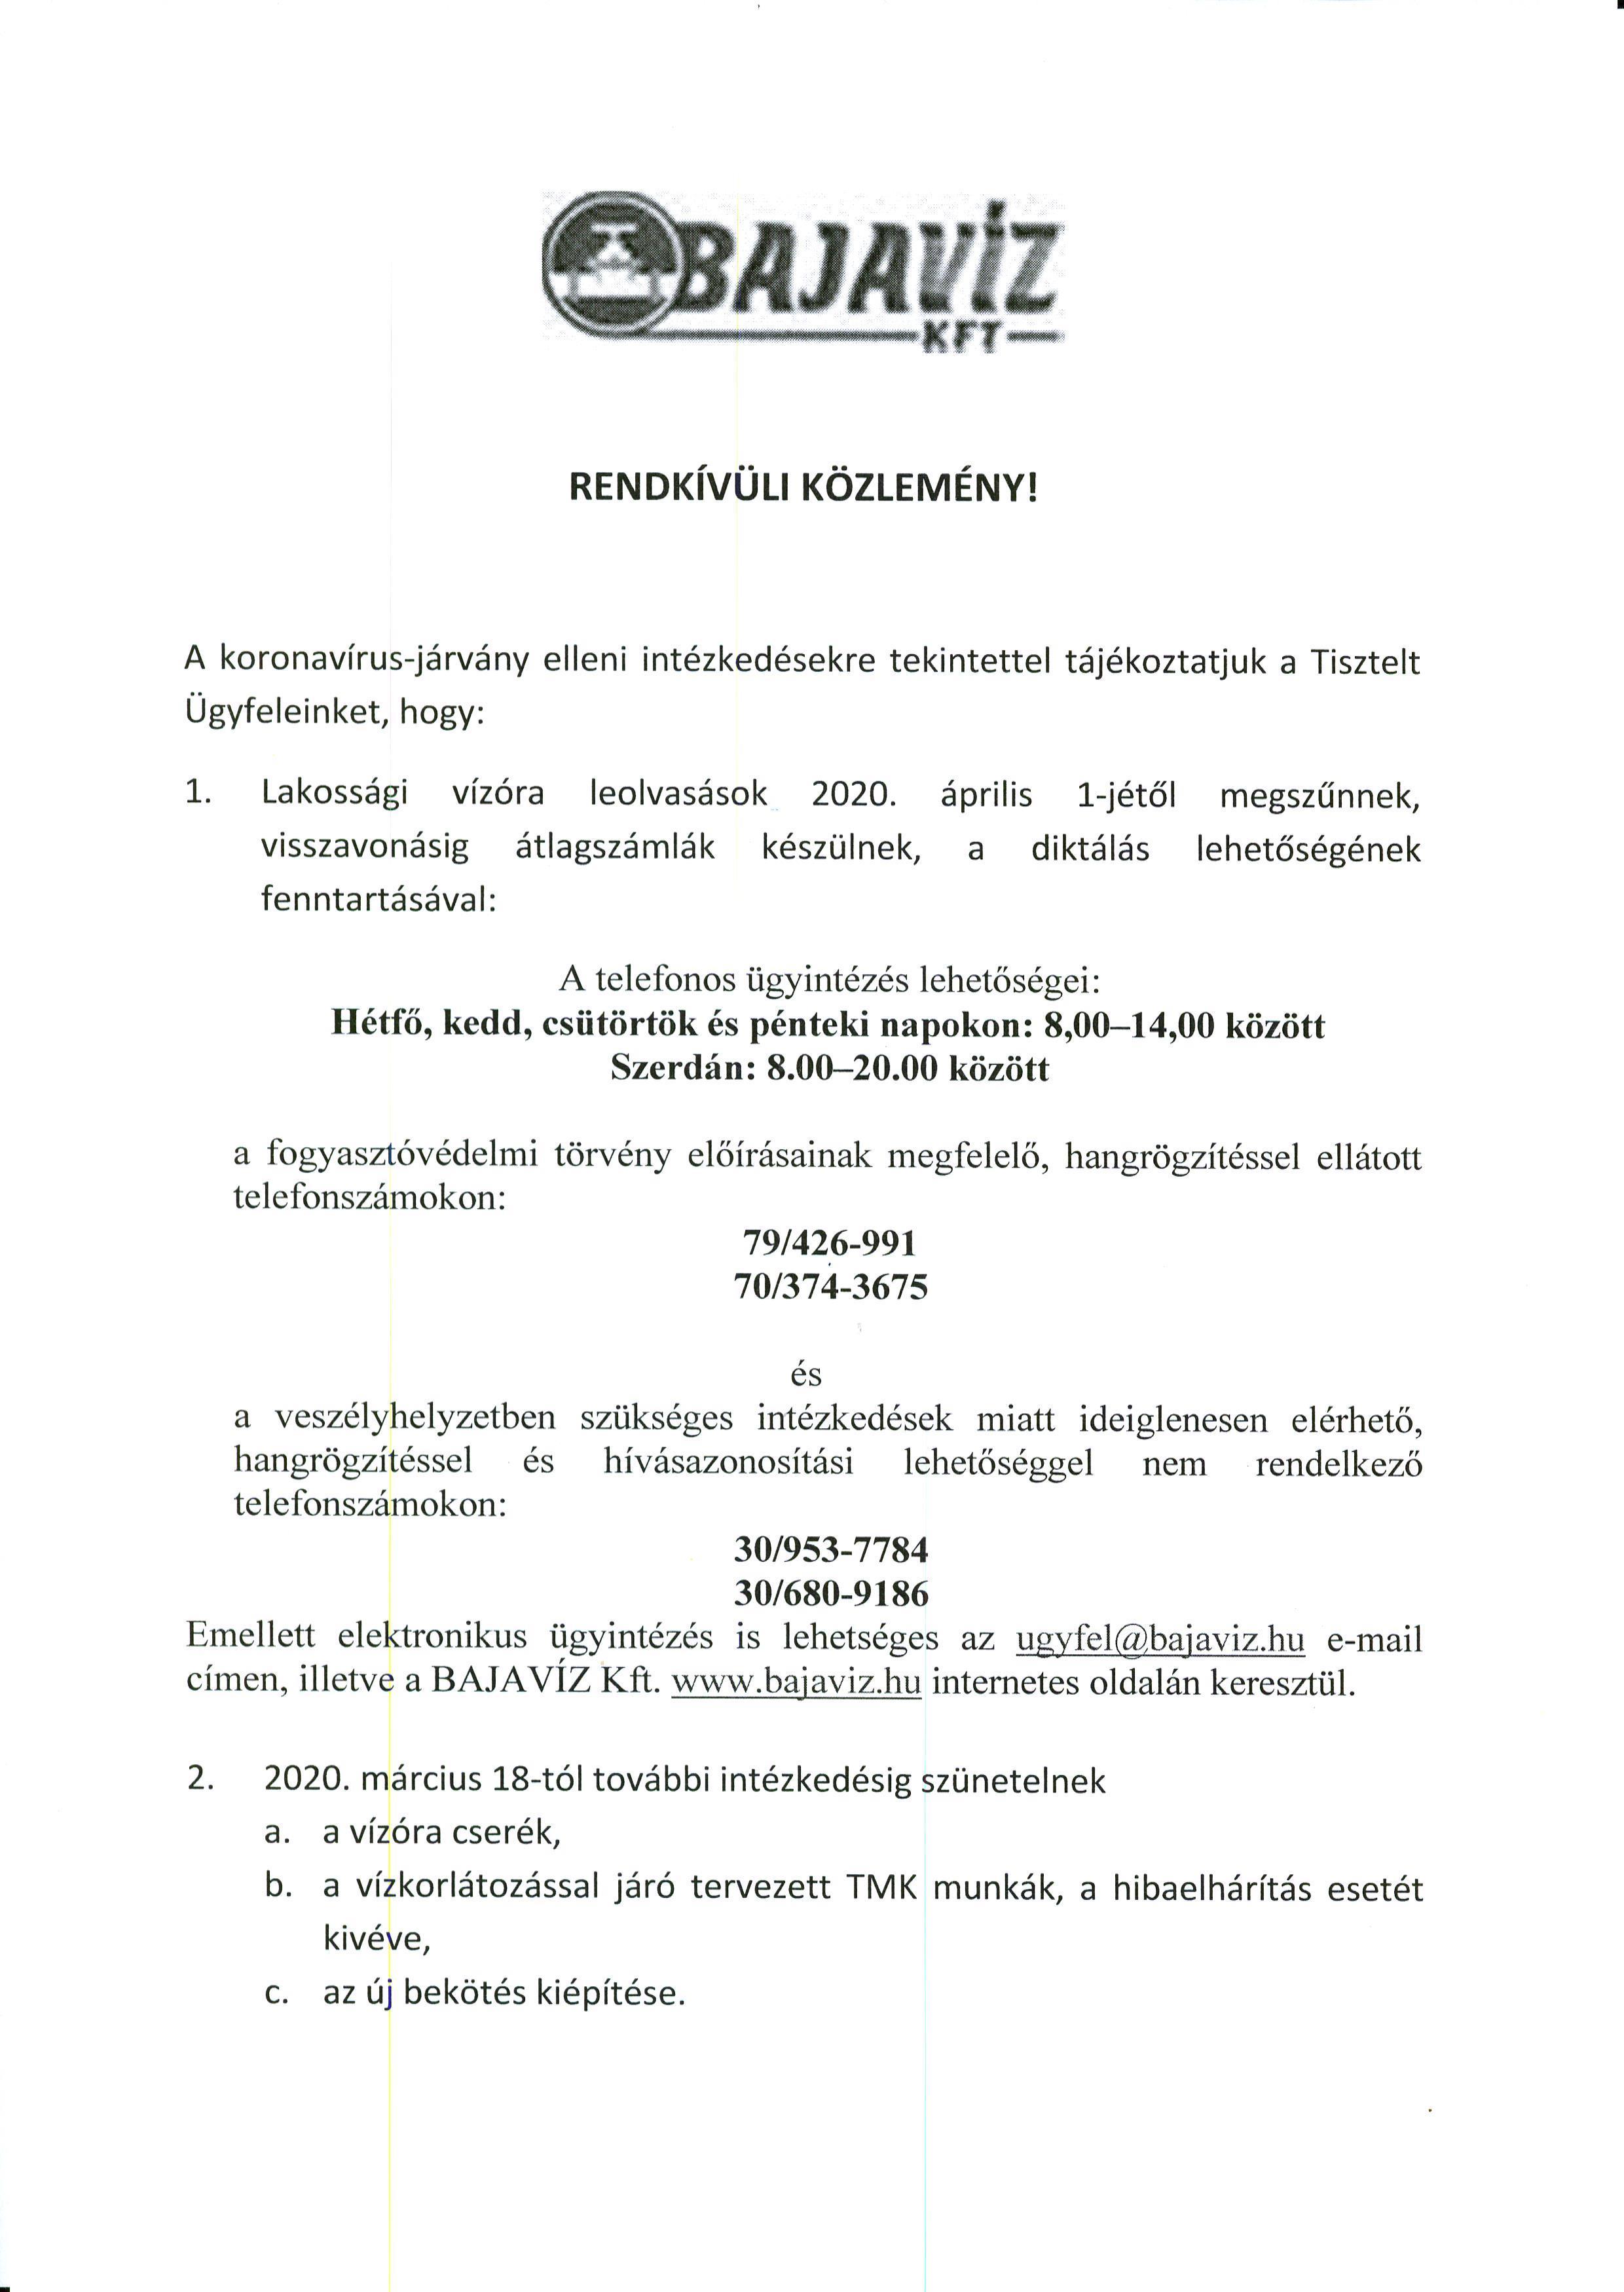 Bajavíz Kft. Rendkívüli Közlemény